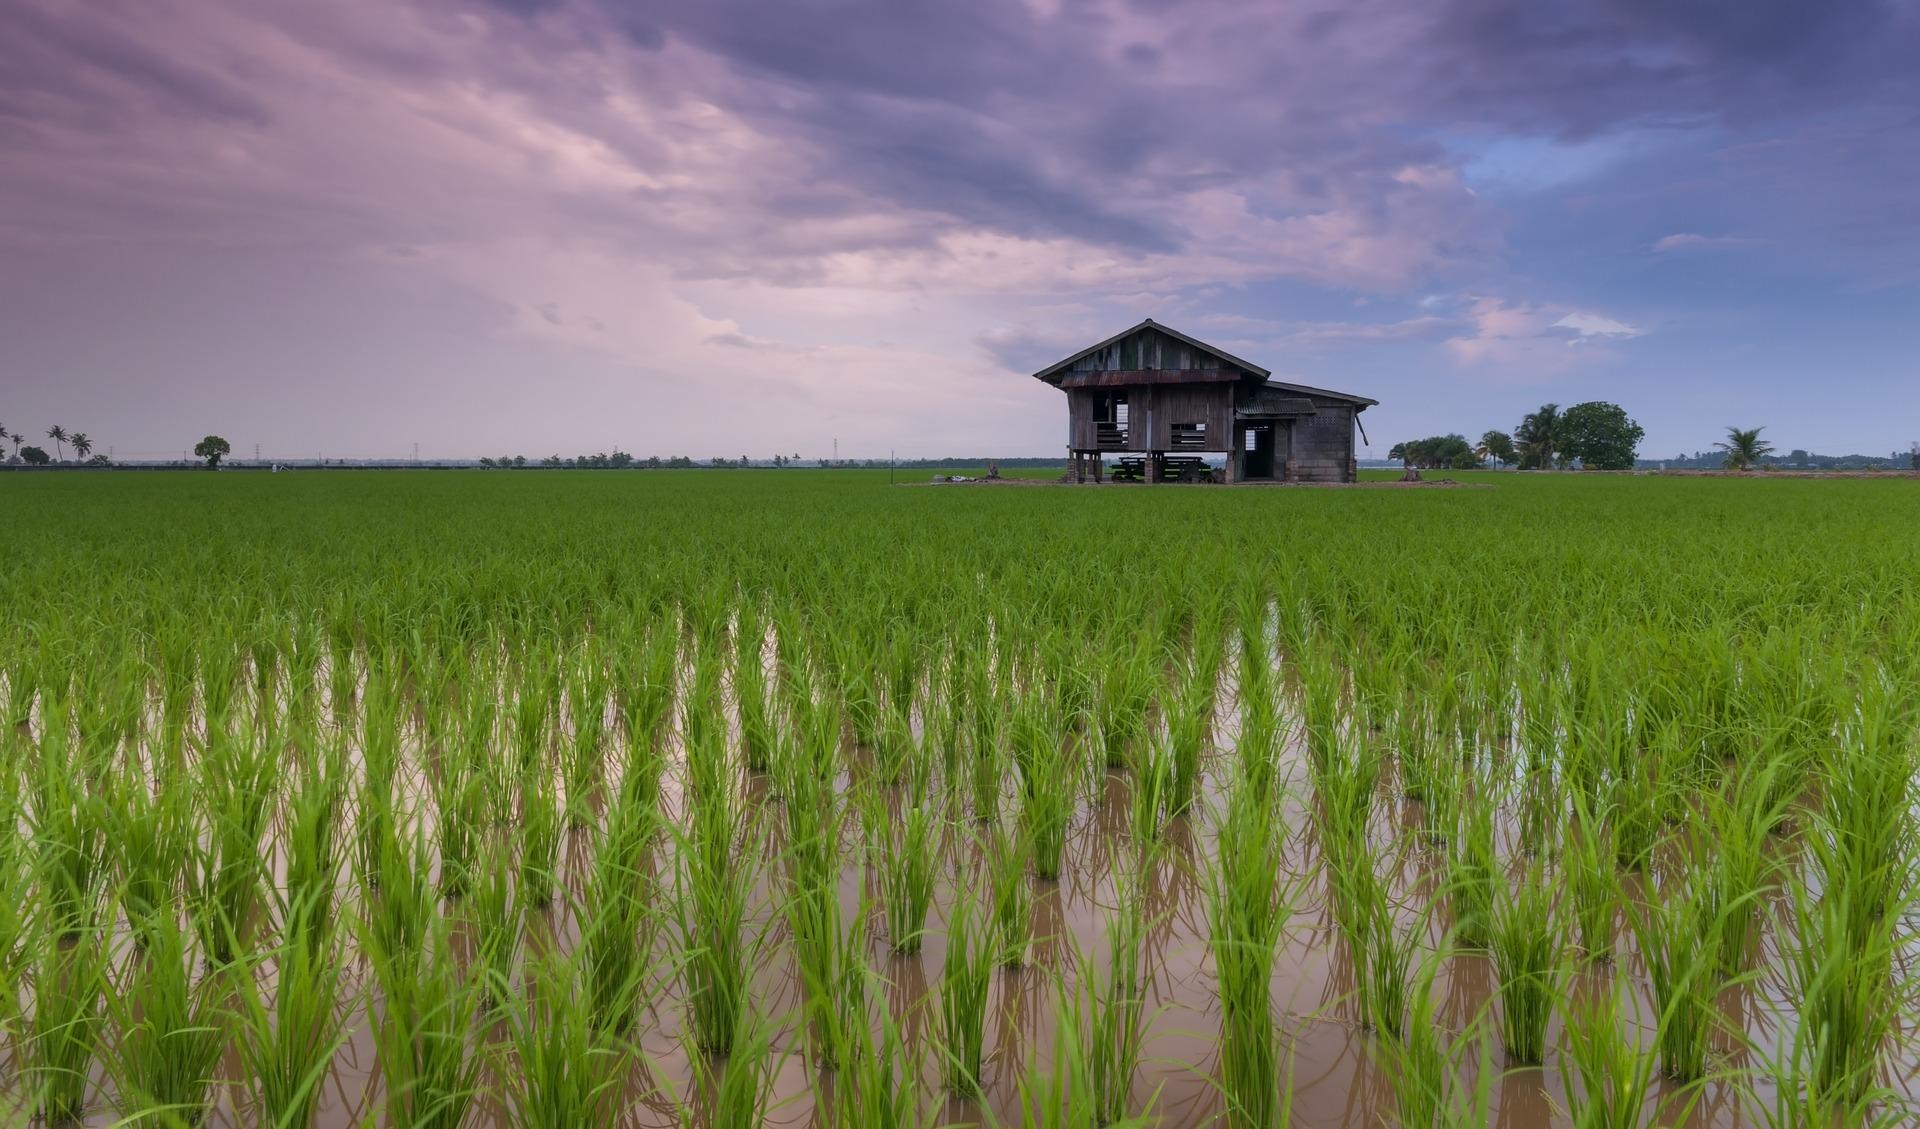 Zahlreiche Reisfelder ,werdet Ihr auf dem weg an den Strand, in Vietnam sehen. Backpacker übernachten sogar in den Hütten